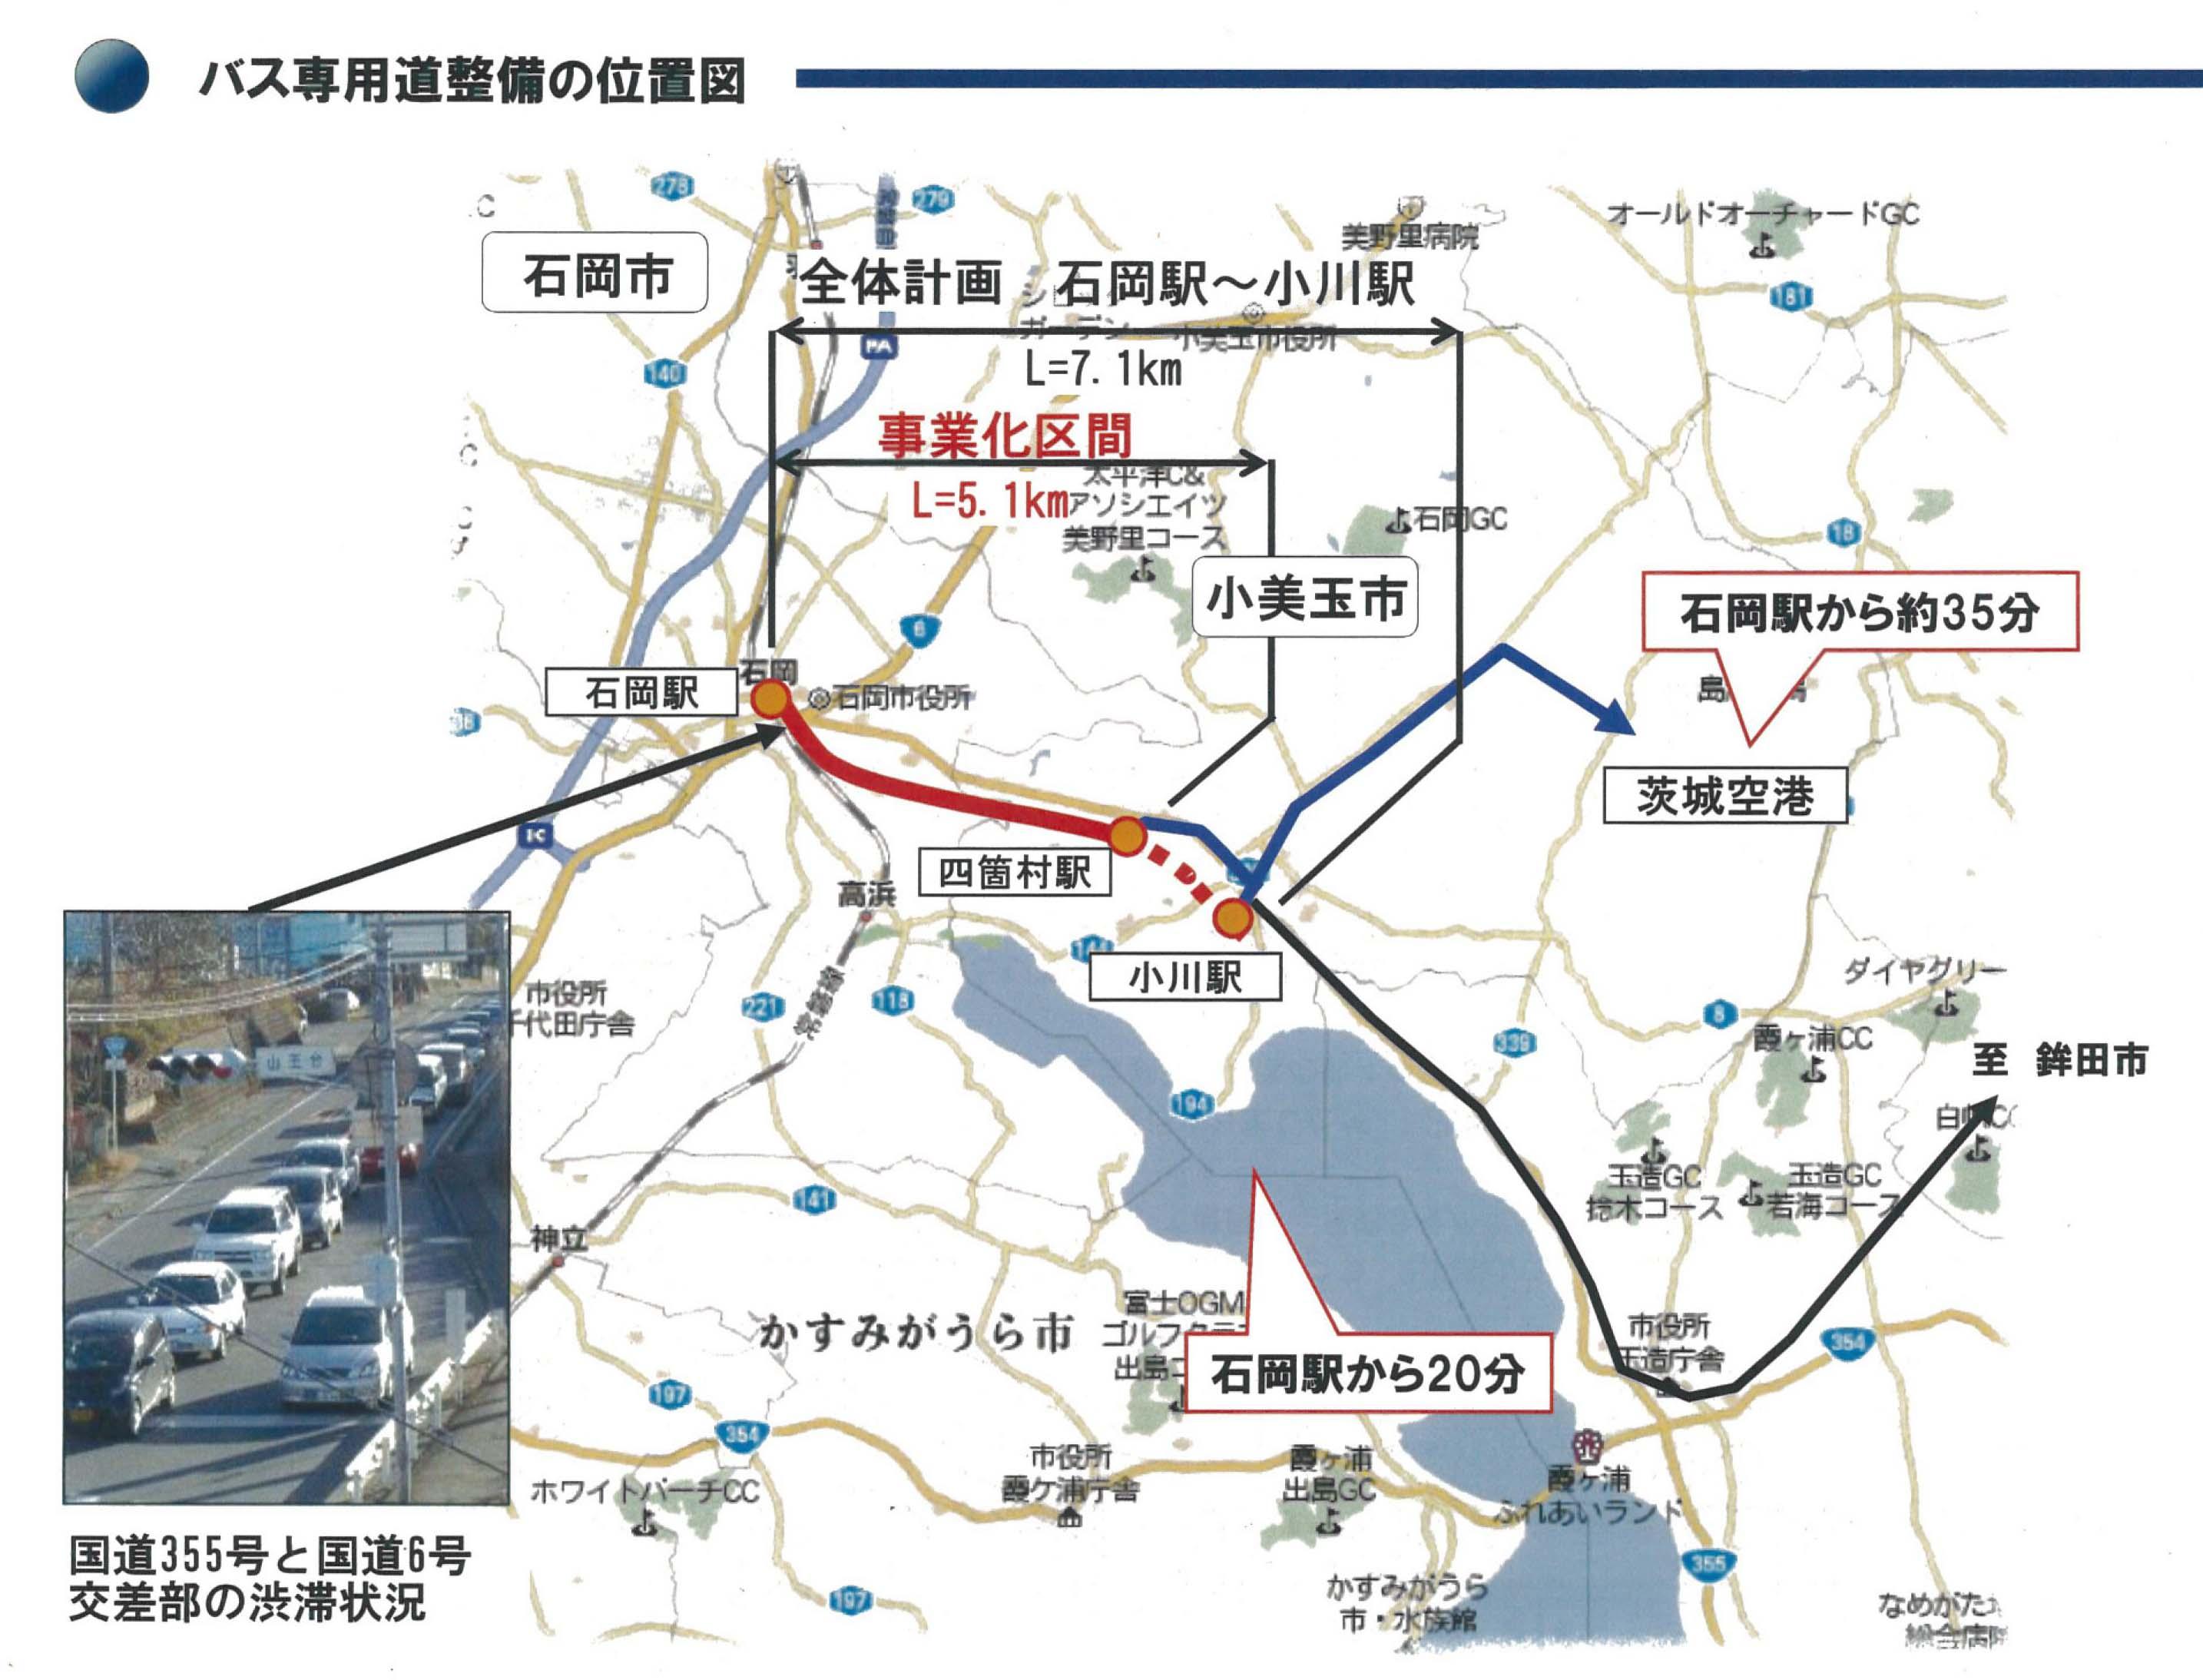 日本初のBRT「かしてつバス」(茨城県石岡市)の視察 その1_f0141310_6303384.jpg